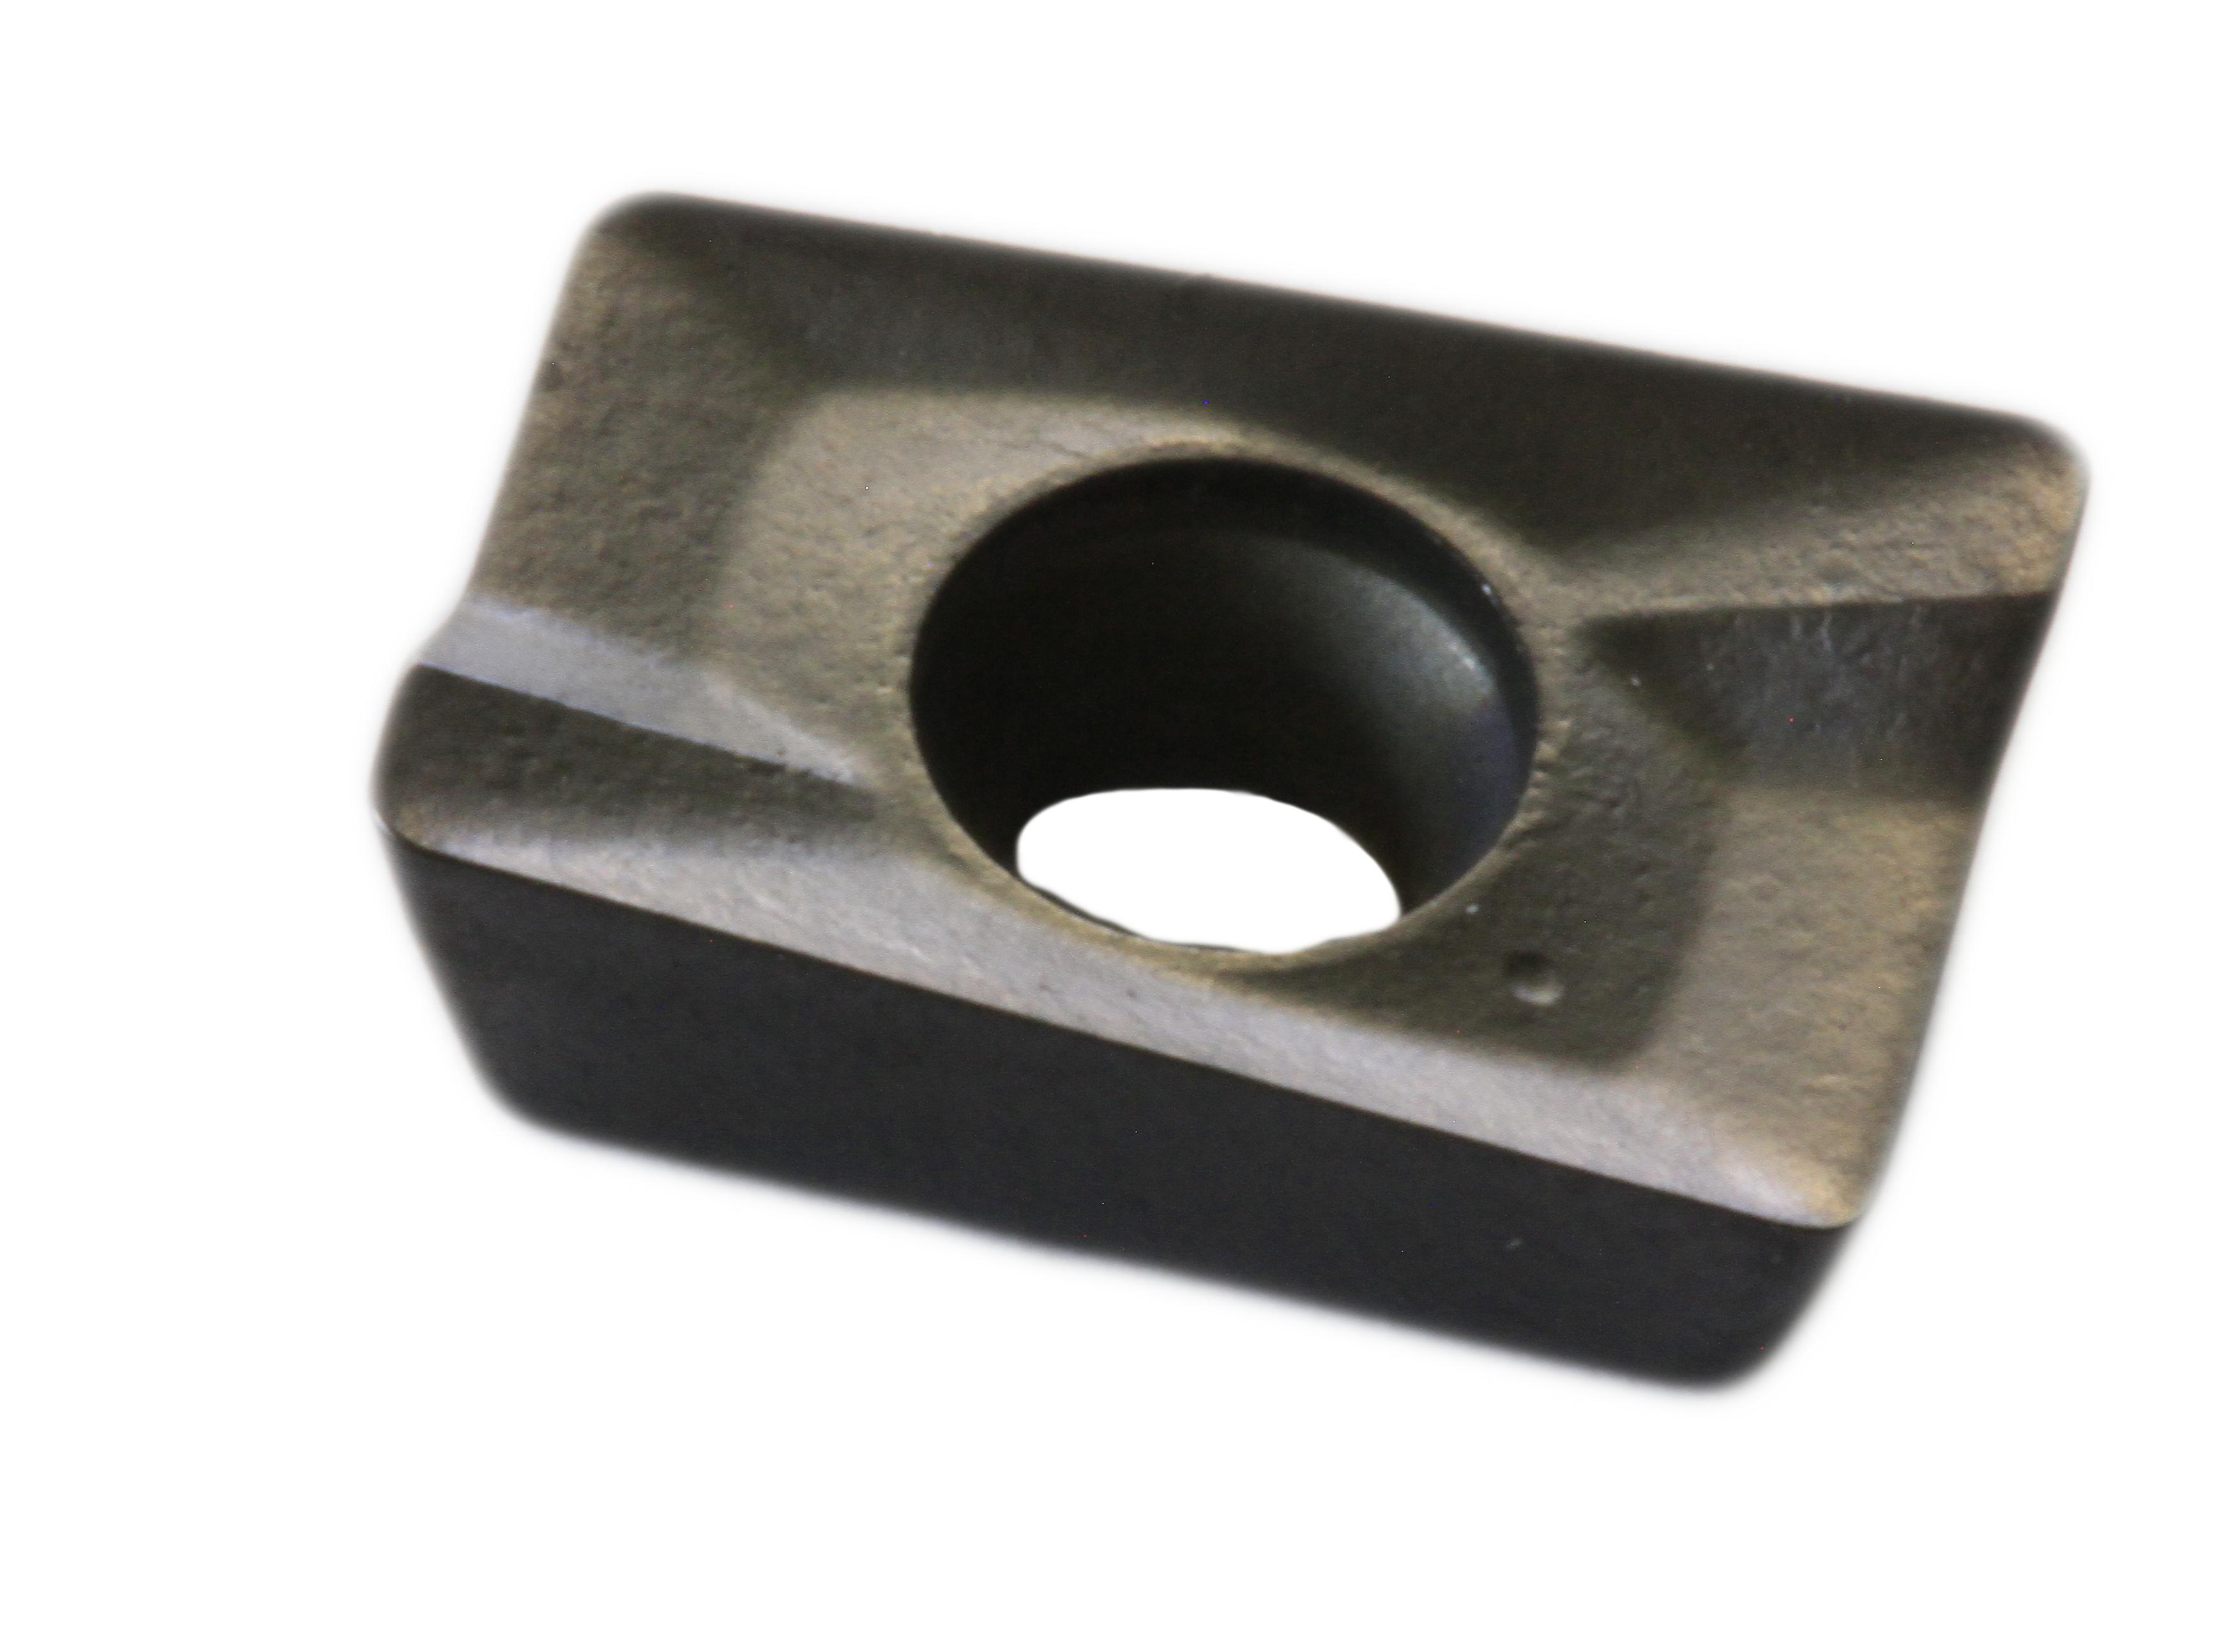 APKT 1003 PDER-X1 TiAlN -  für Stahl / VA / GUSS